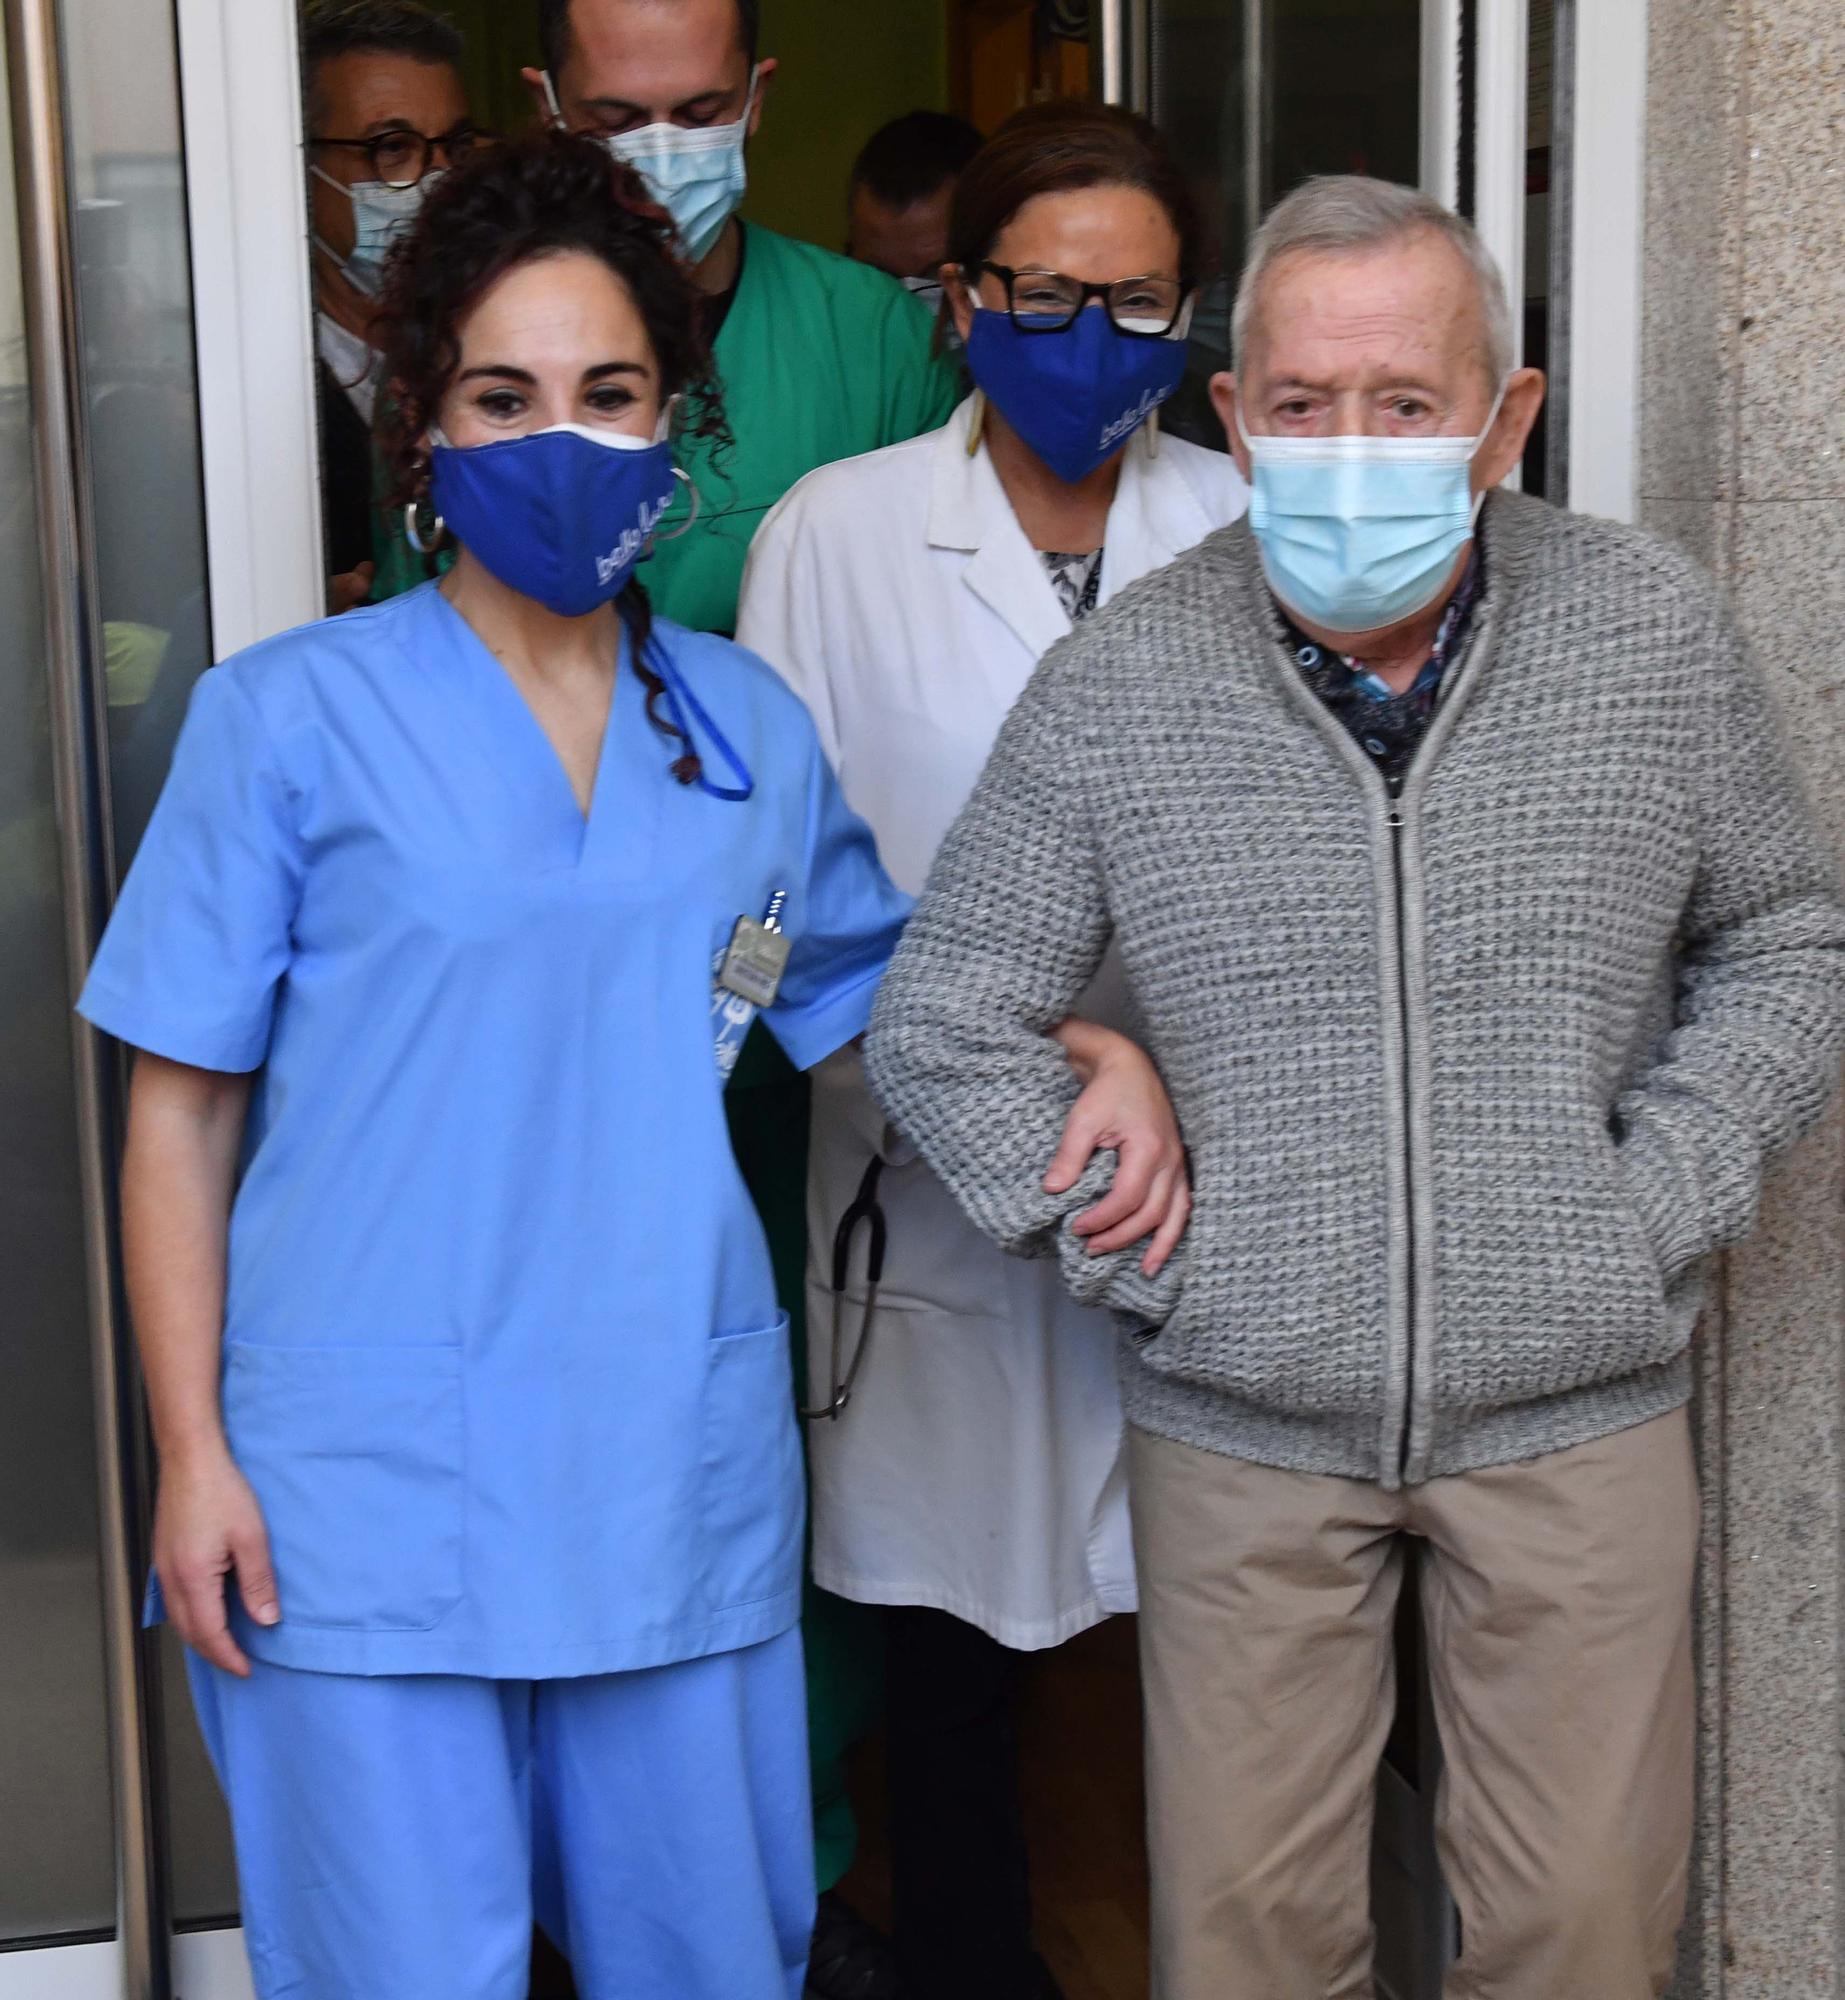 Juan Molina, de la residencia Bellolar, el primer vacunado contra el COVID-19 en A Coruña